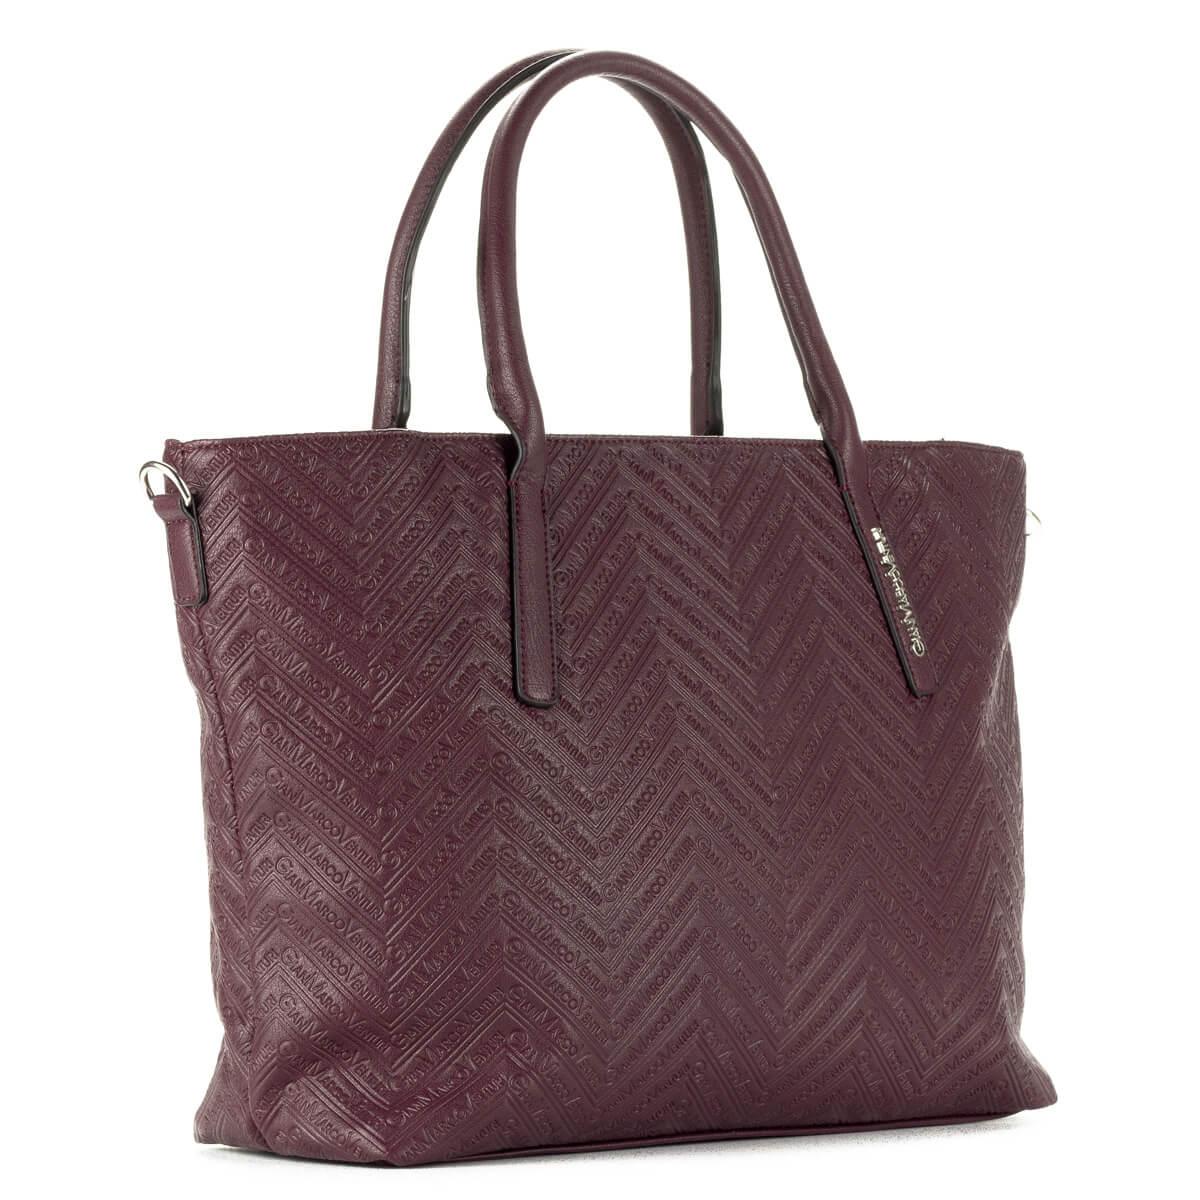 GianMarcoVenturi nagy méretű bordó női táska nagy belsővel. A táska tartozéka egy hosszú vállpánt. Nagy méretű pakolós táska.